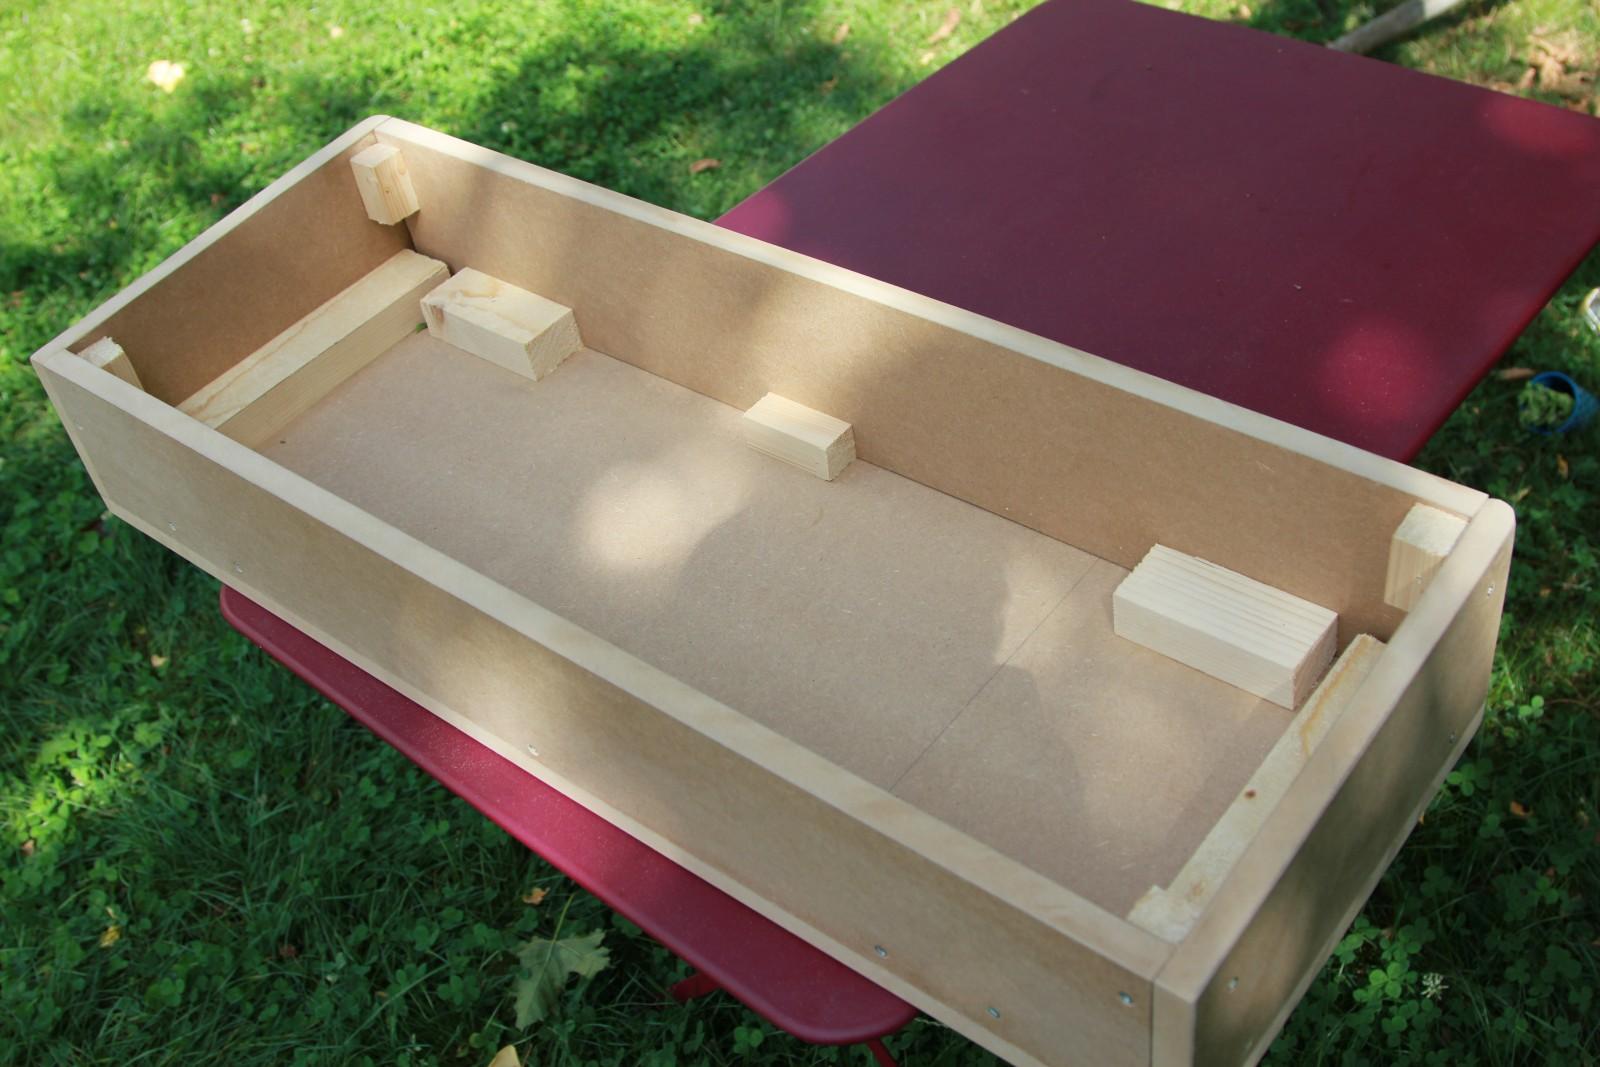 Fabriquer un caisson en bois - Fabriquer un caisson en bois ...